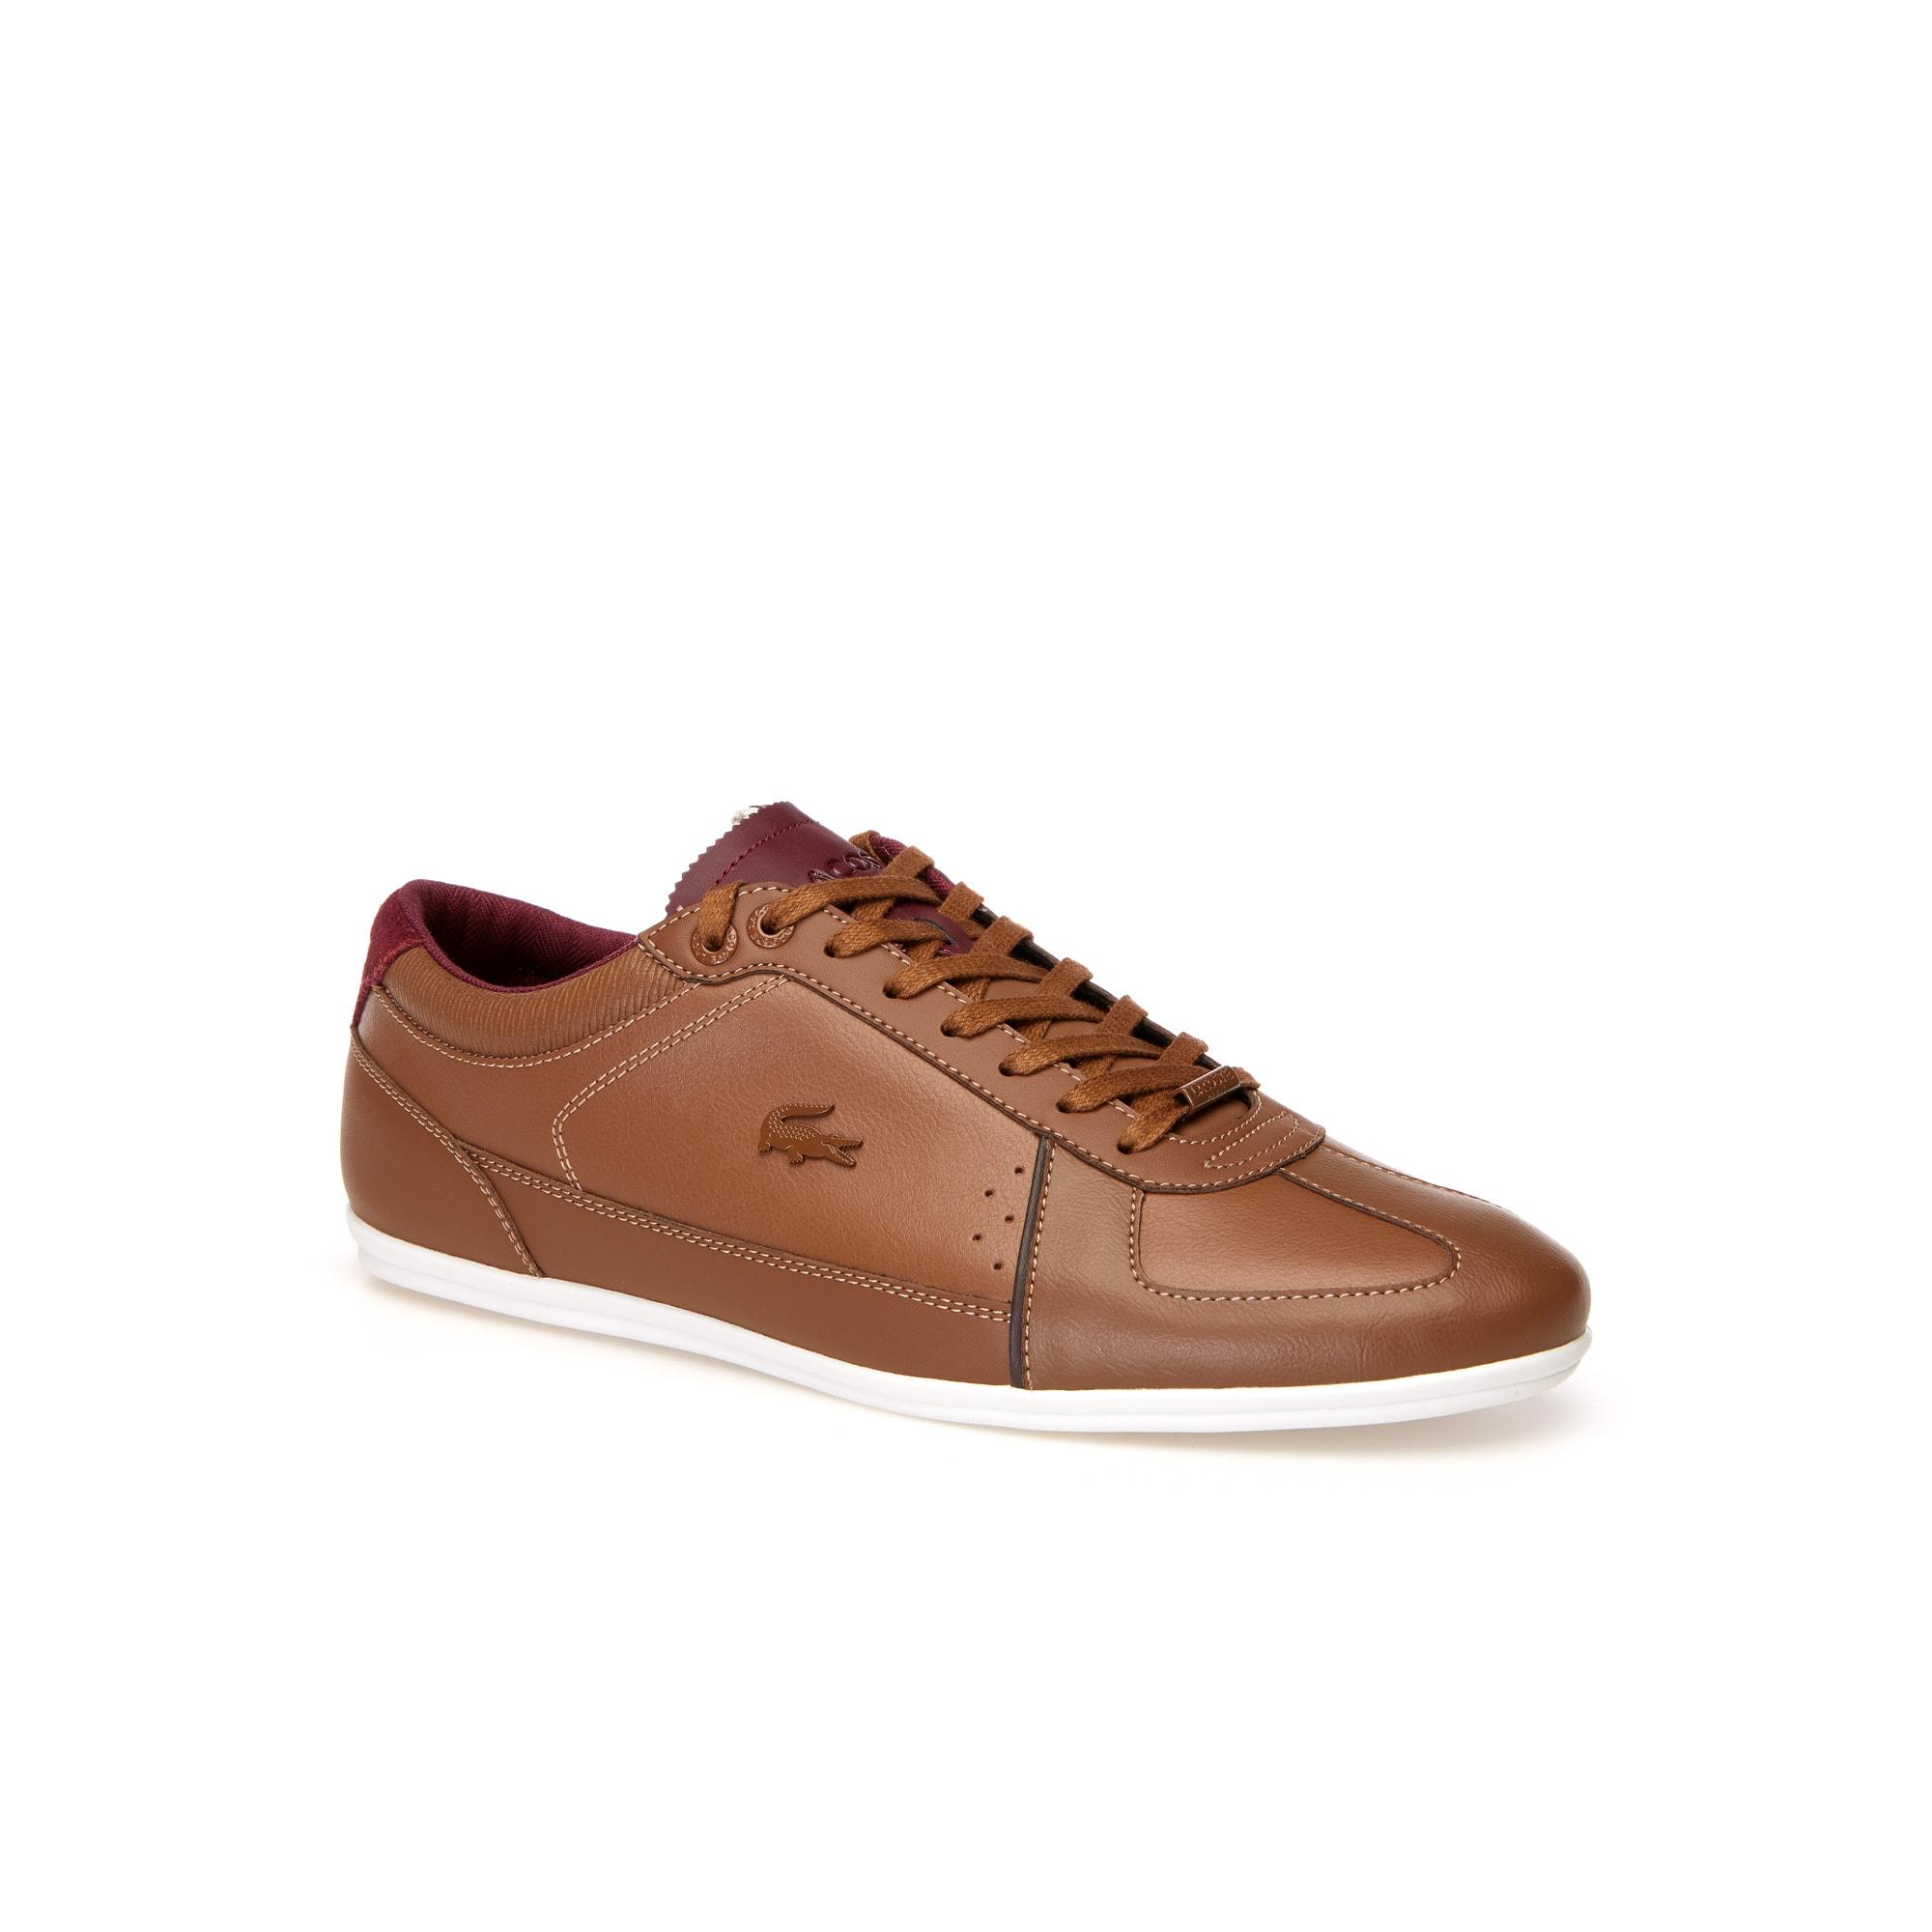 de53af39cede3 Lacoste shoes for women  Boots